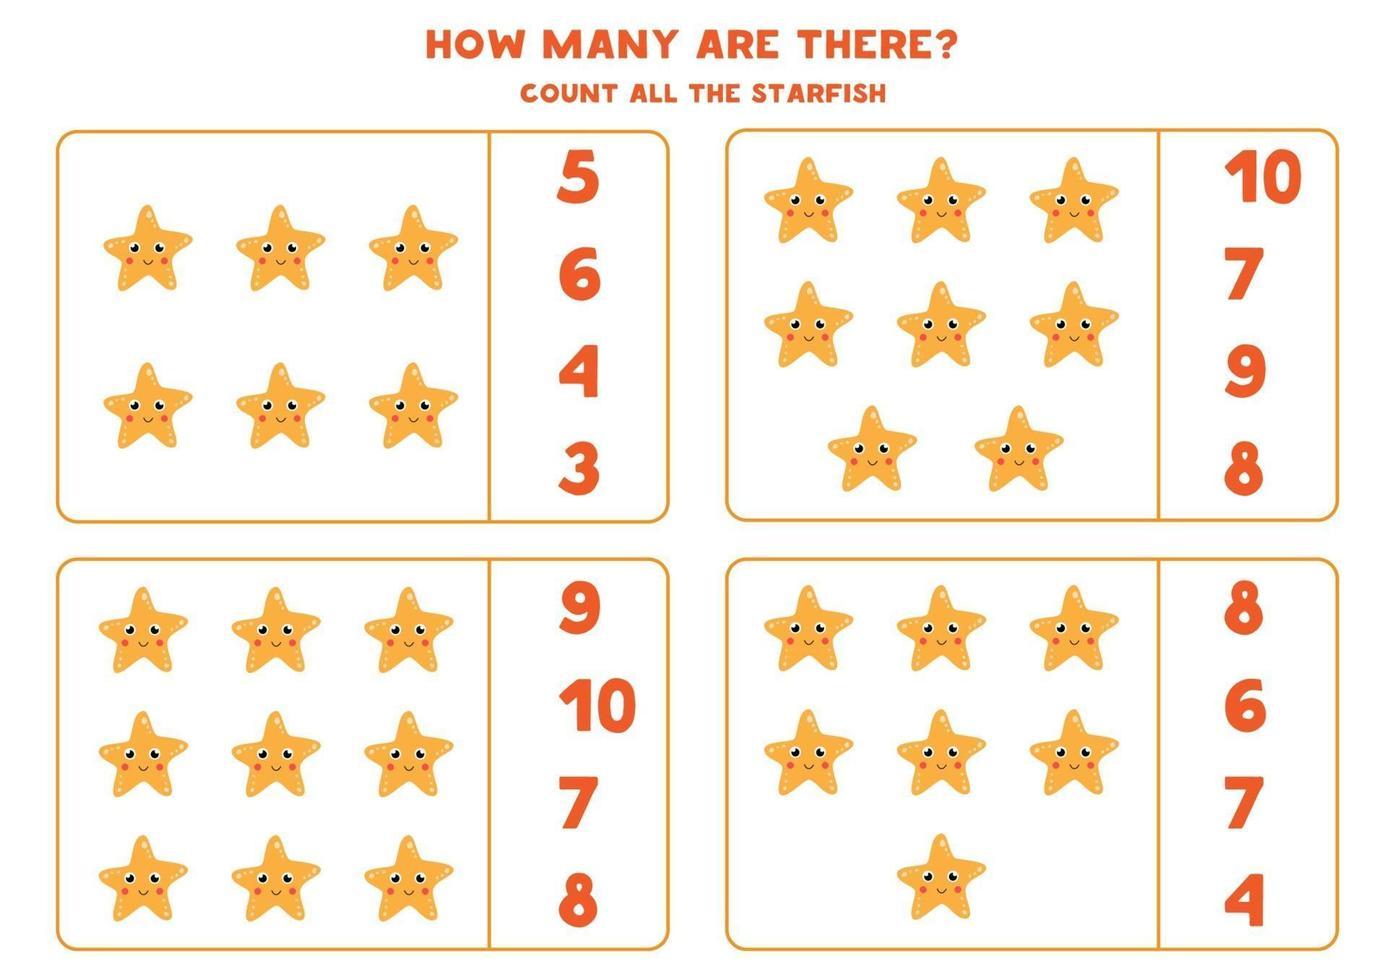 räknar matematikspel med söta tecknade havsstjärnor. vektor